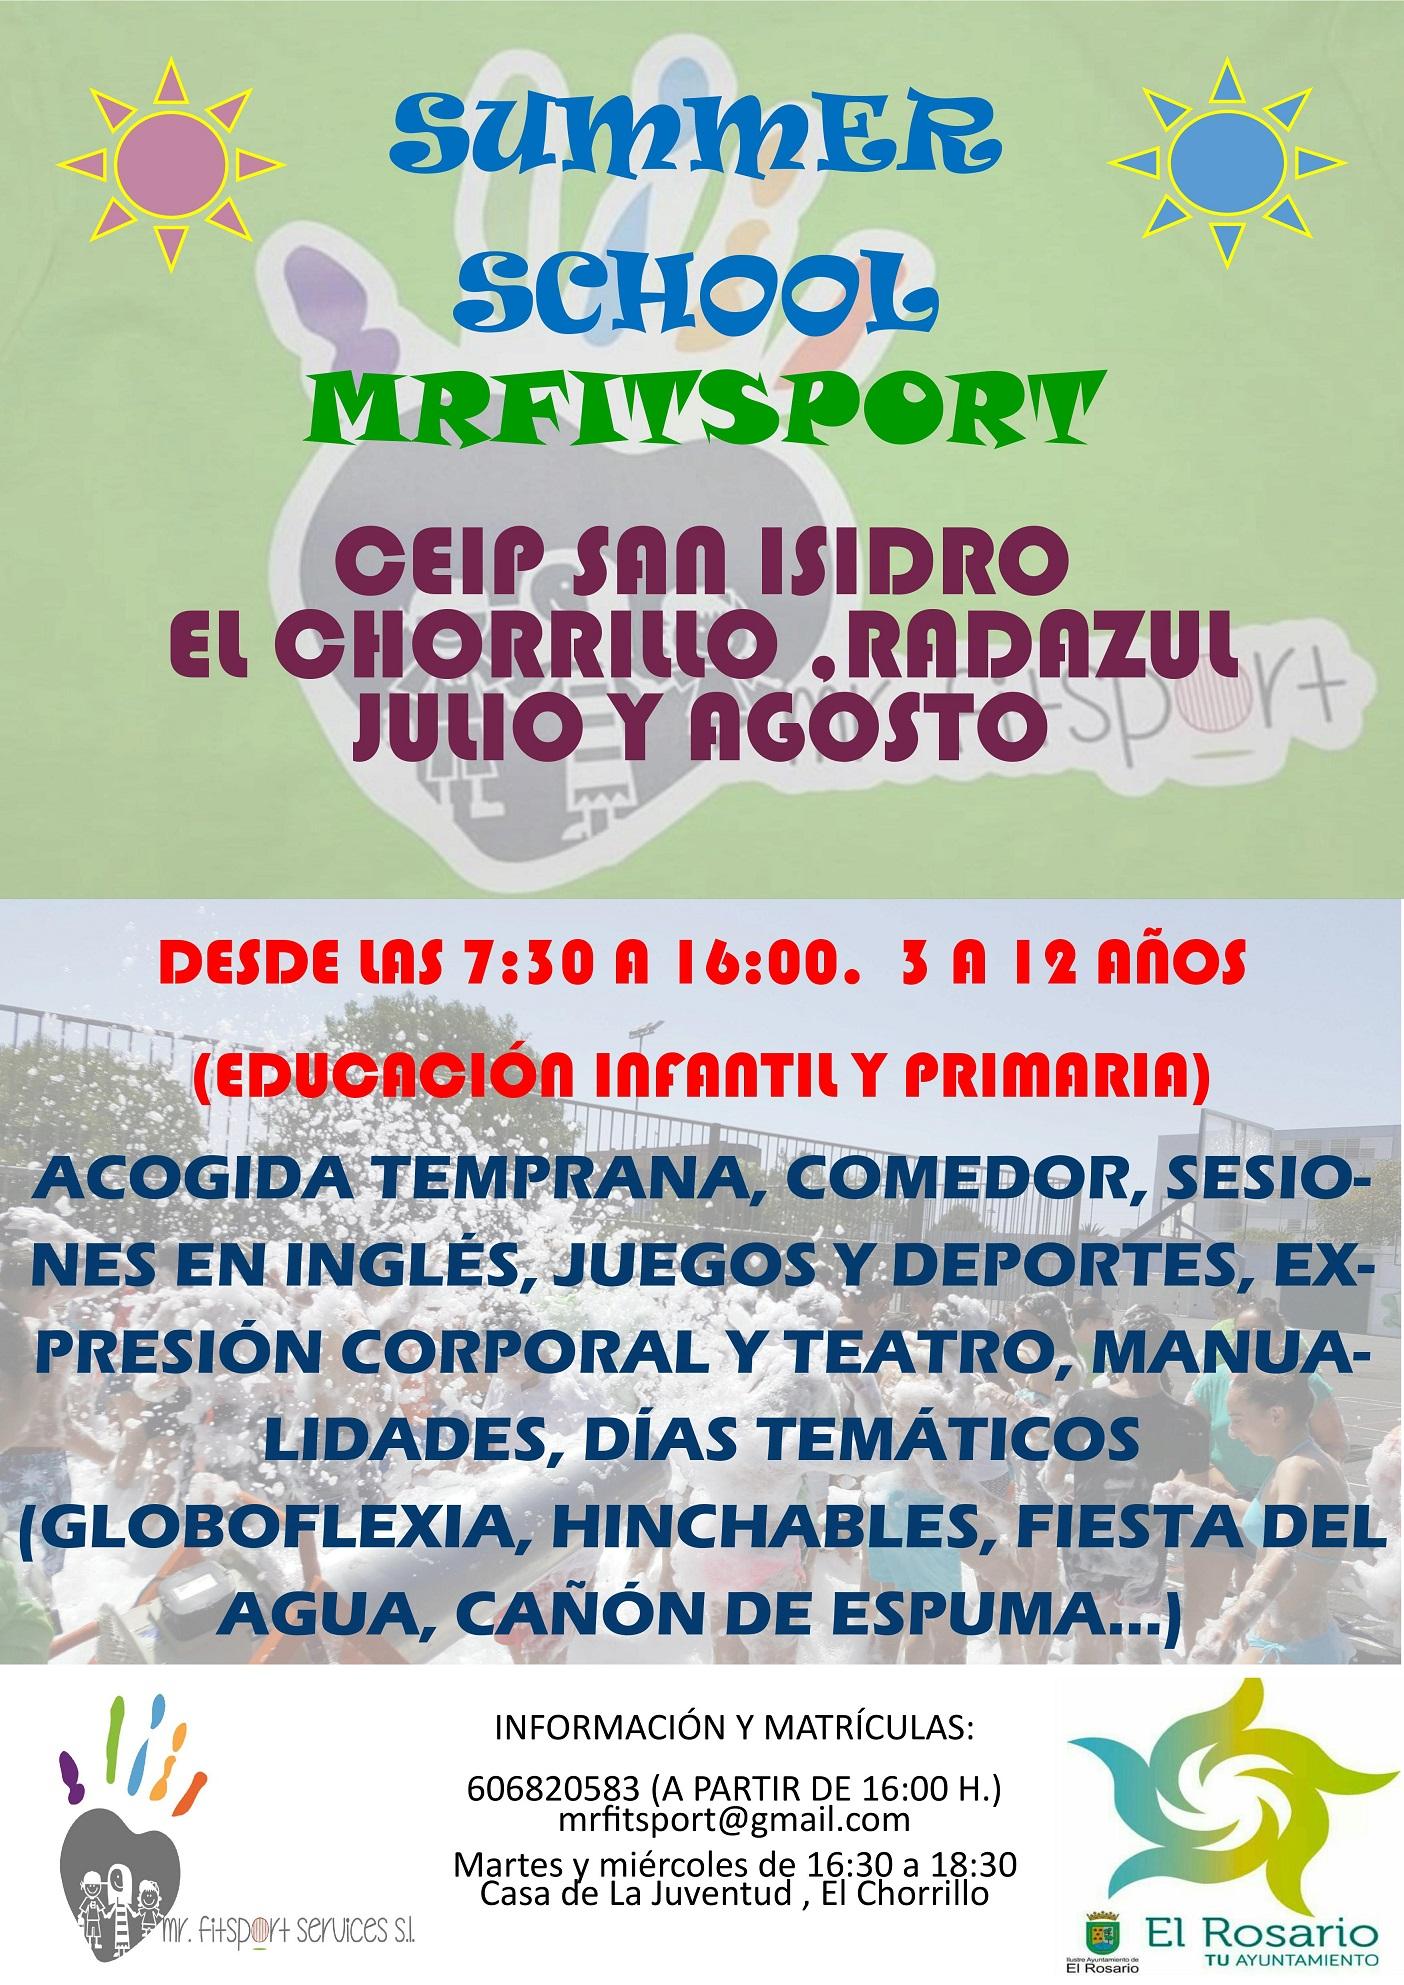 CARTEL CAMPAMENTOS ROSARIO 17 - copia